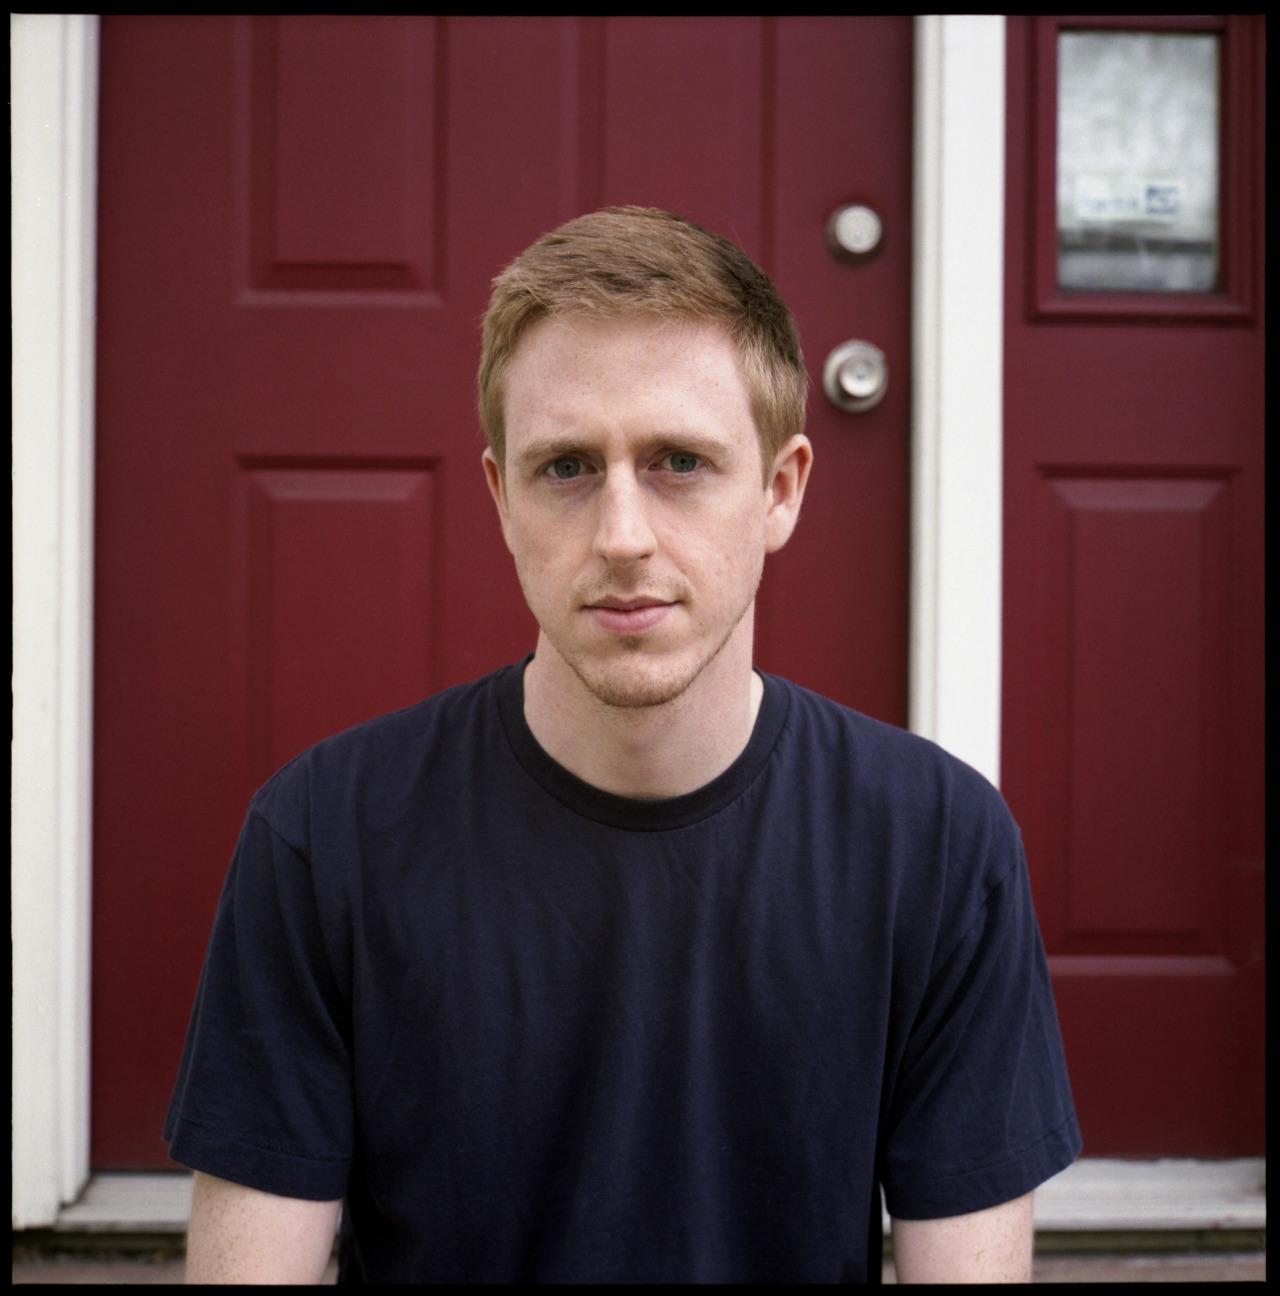 Dan, 2012